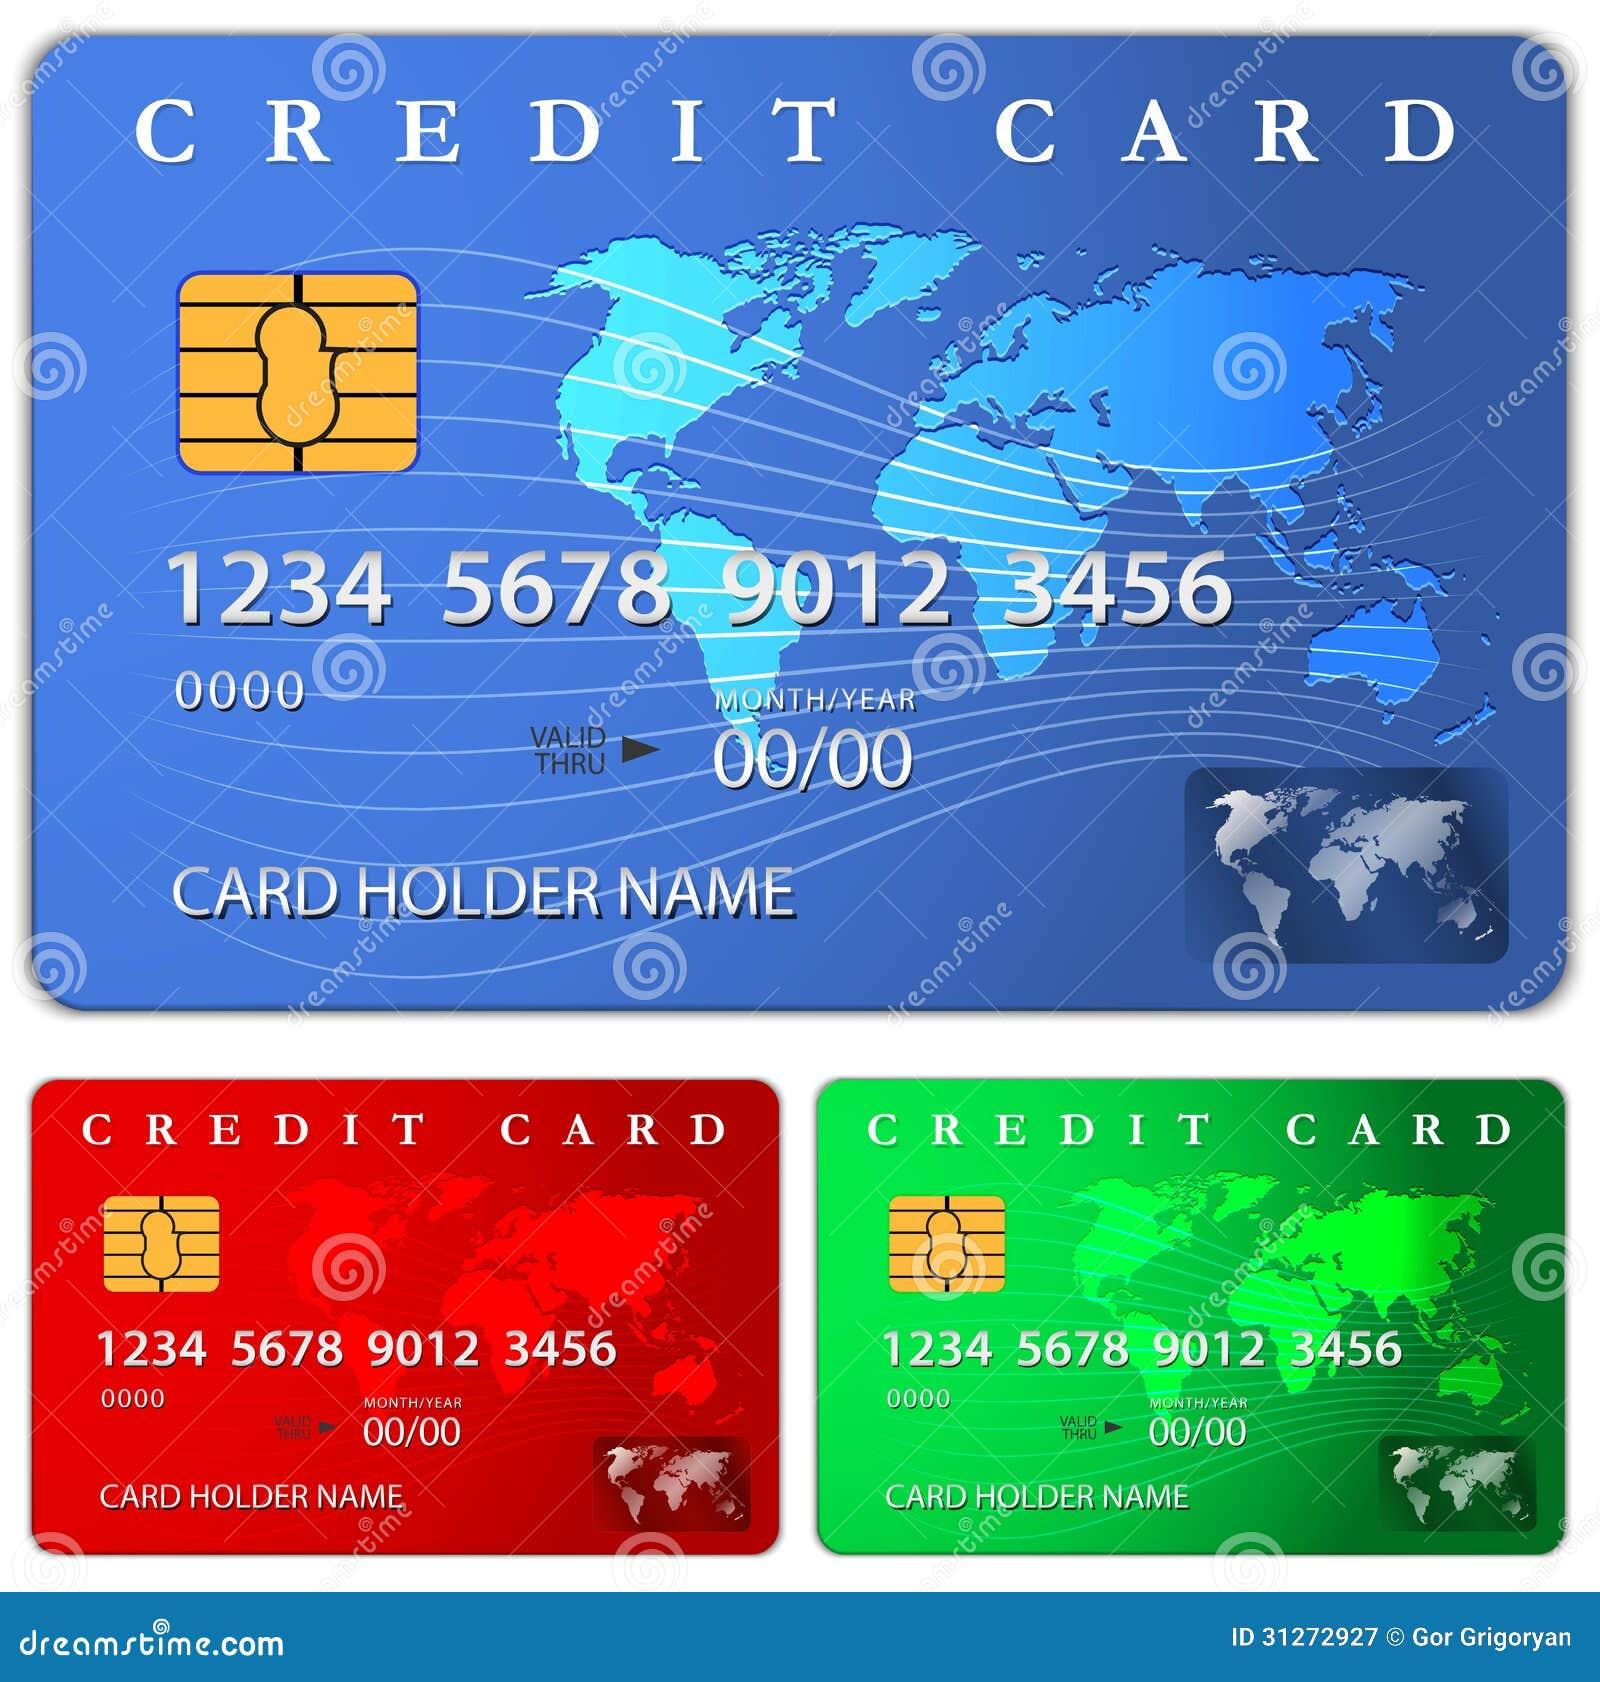 credit or debit card design template stock vector image 31272927. Black Bedroom Furniture Sets. Home Design Ideas